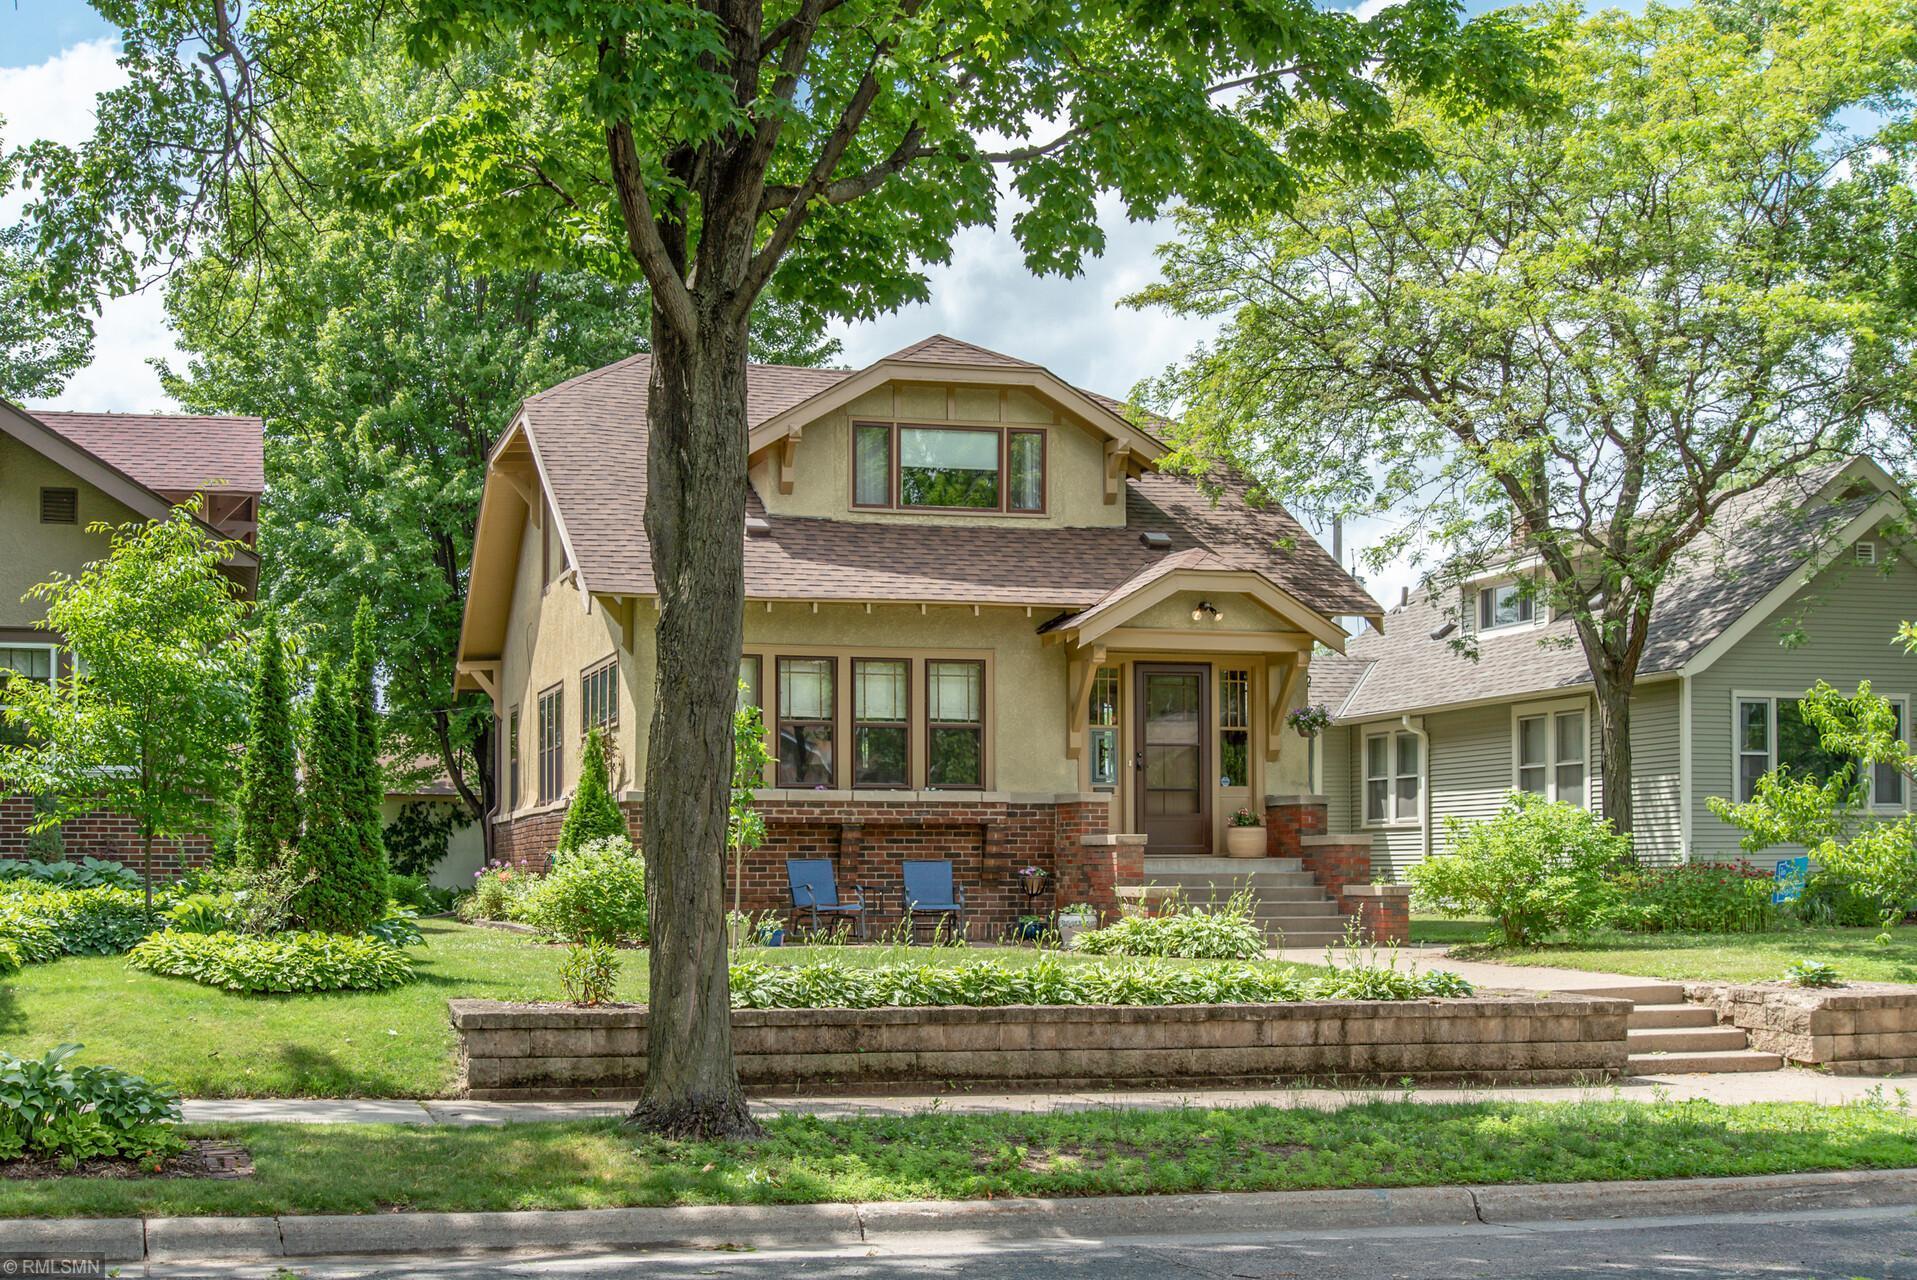 4124 21st S Property Photo